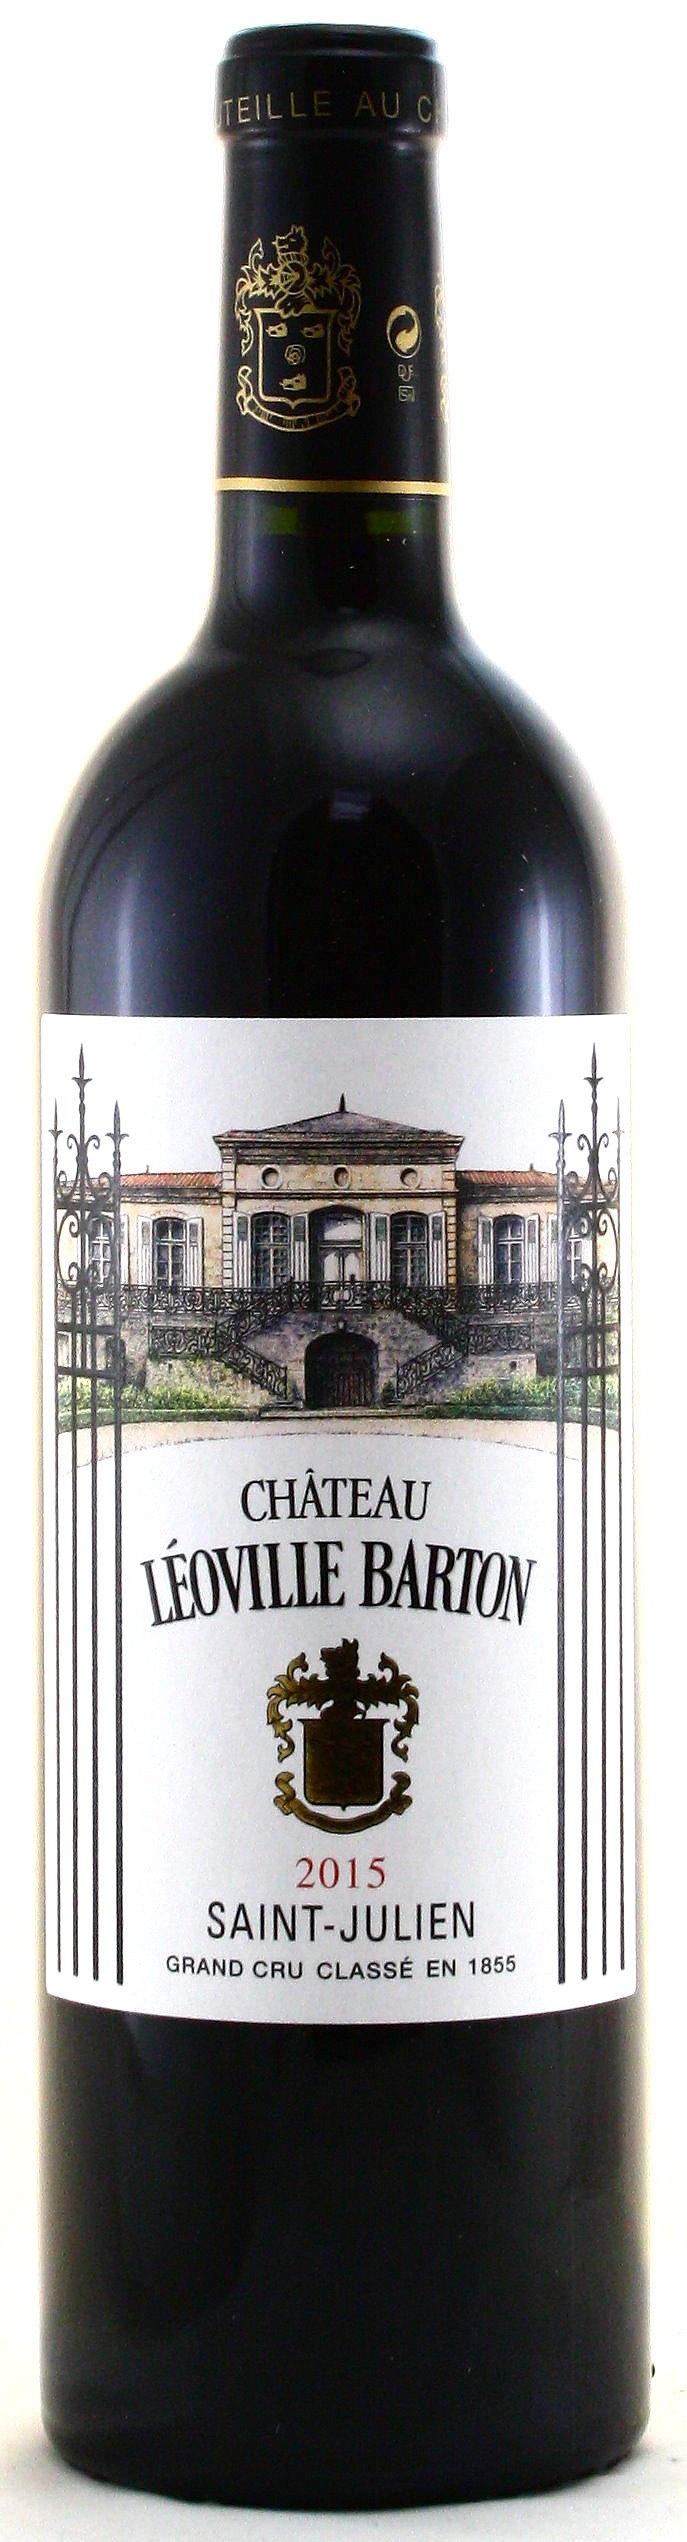 2015 Château Léoville Barton, Saint Julien, Médoc Bordeaux